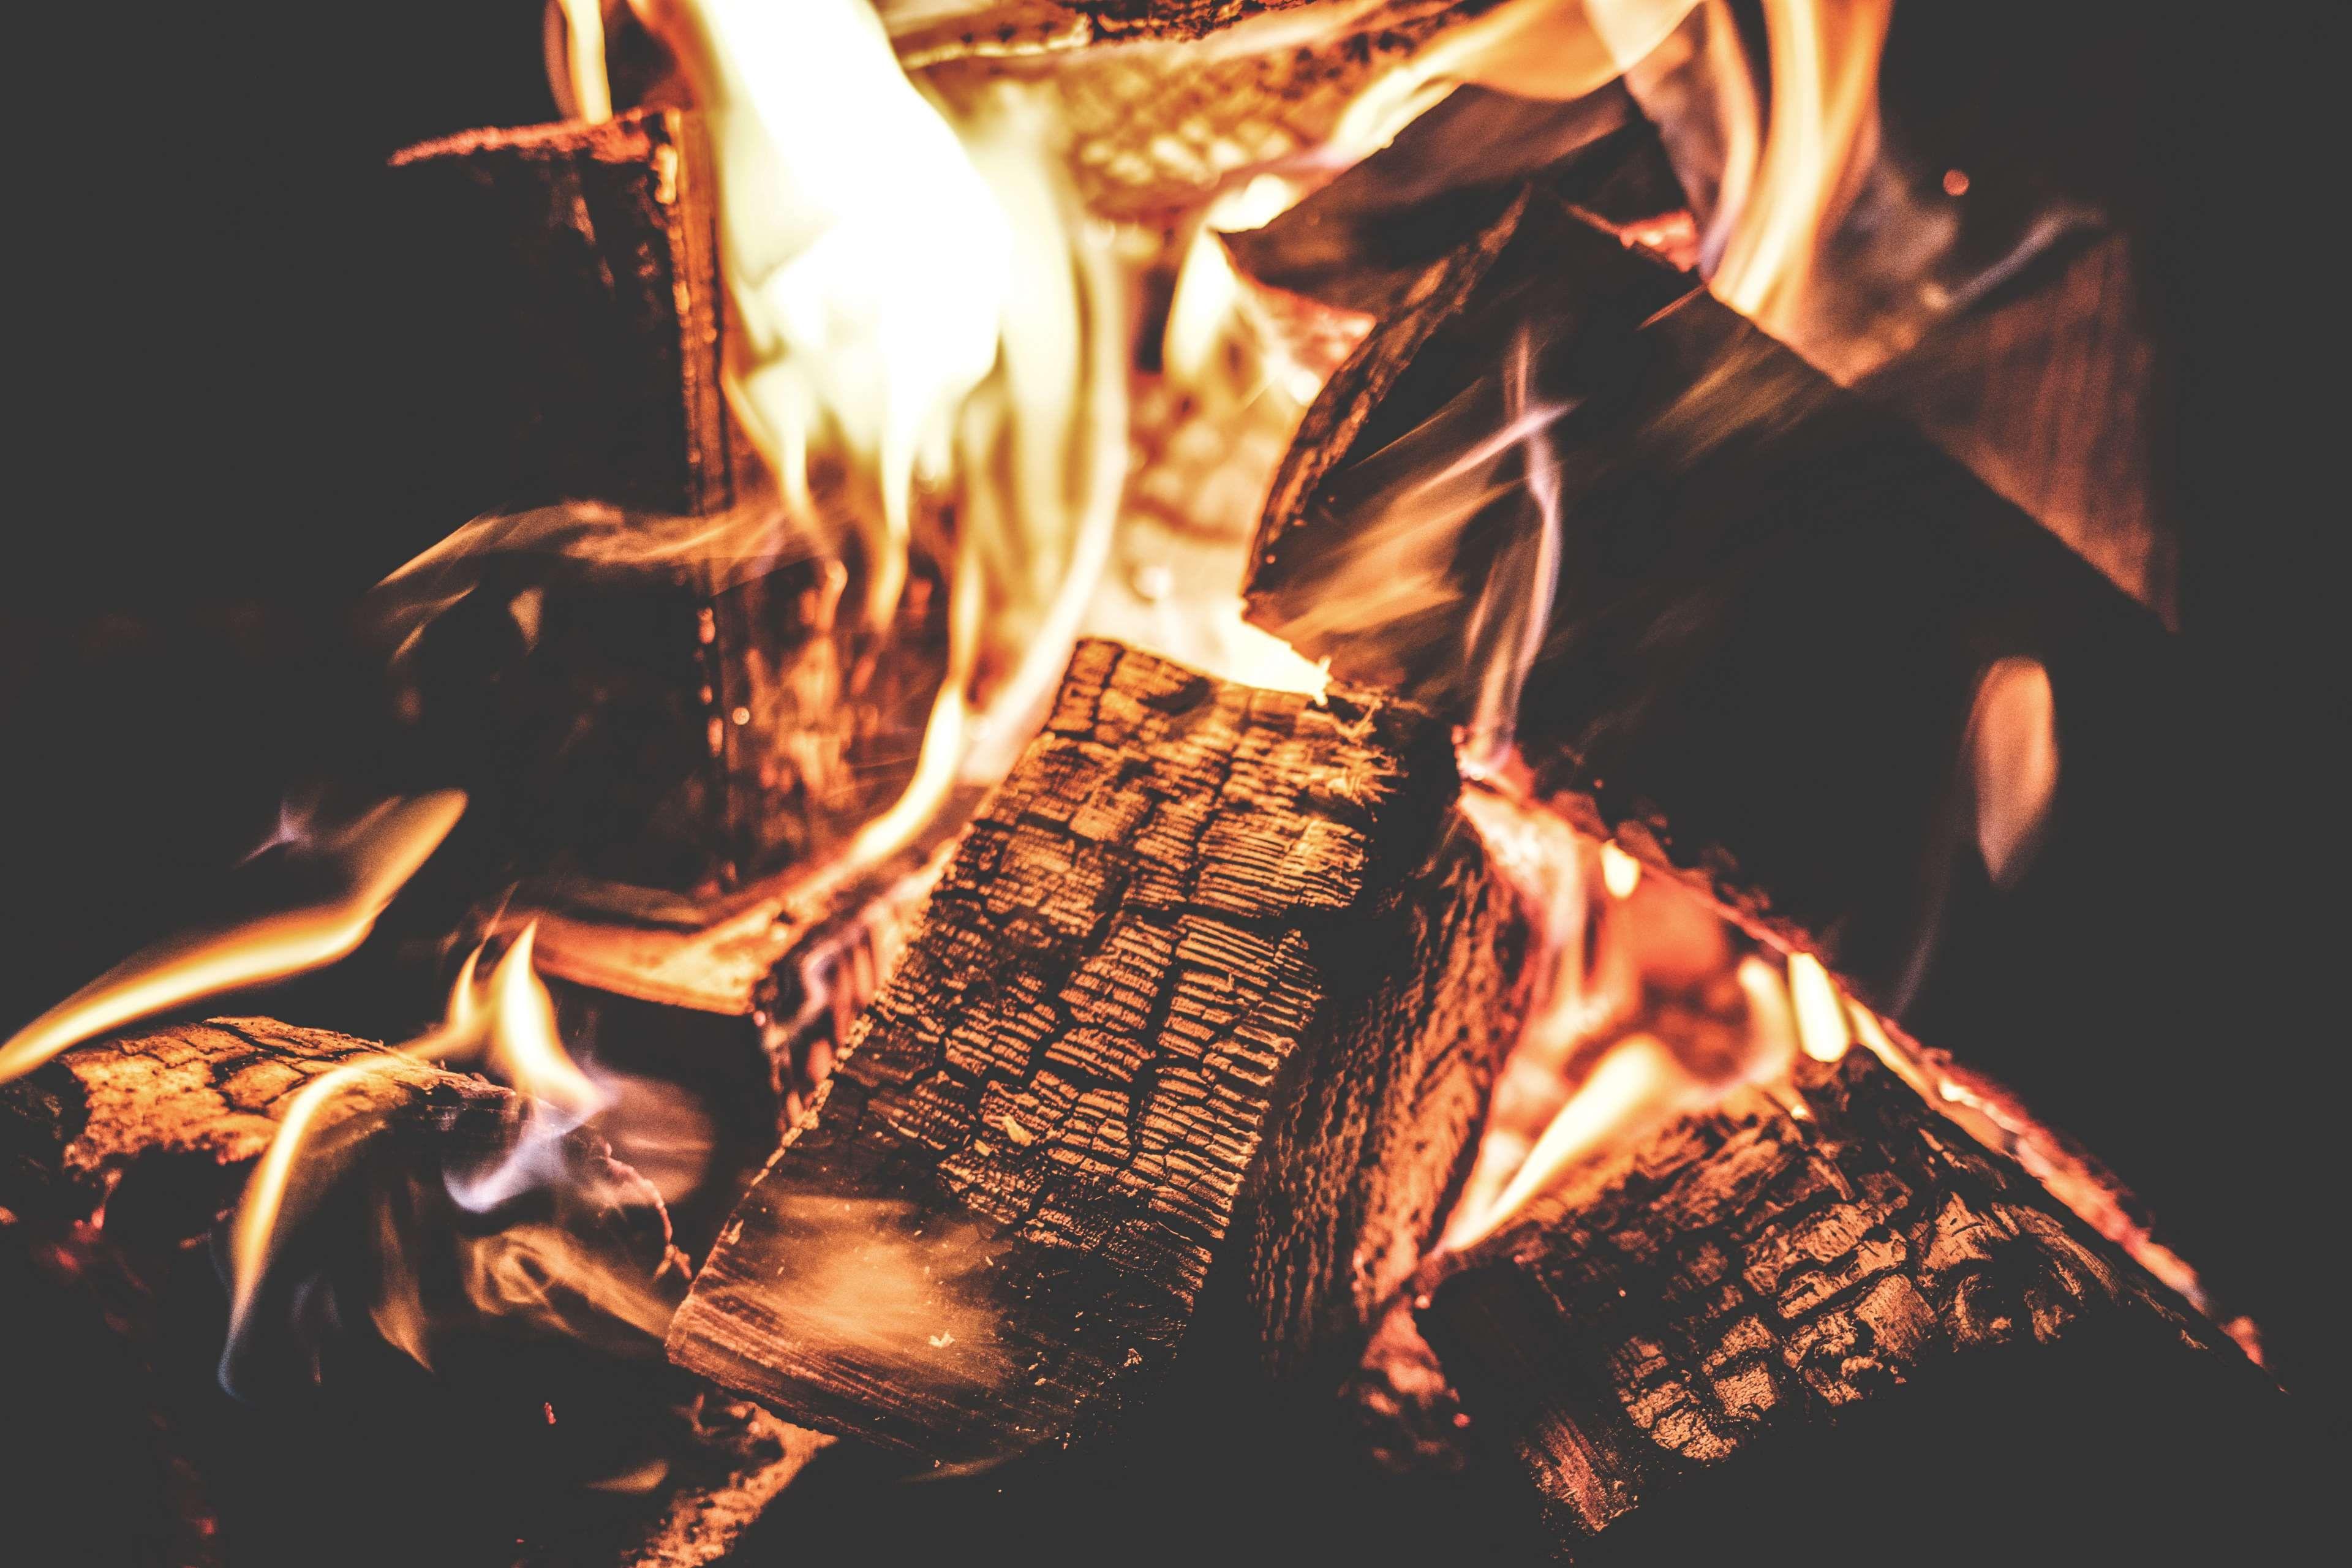 Kết quả hình ảnh cho firewood photography